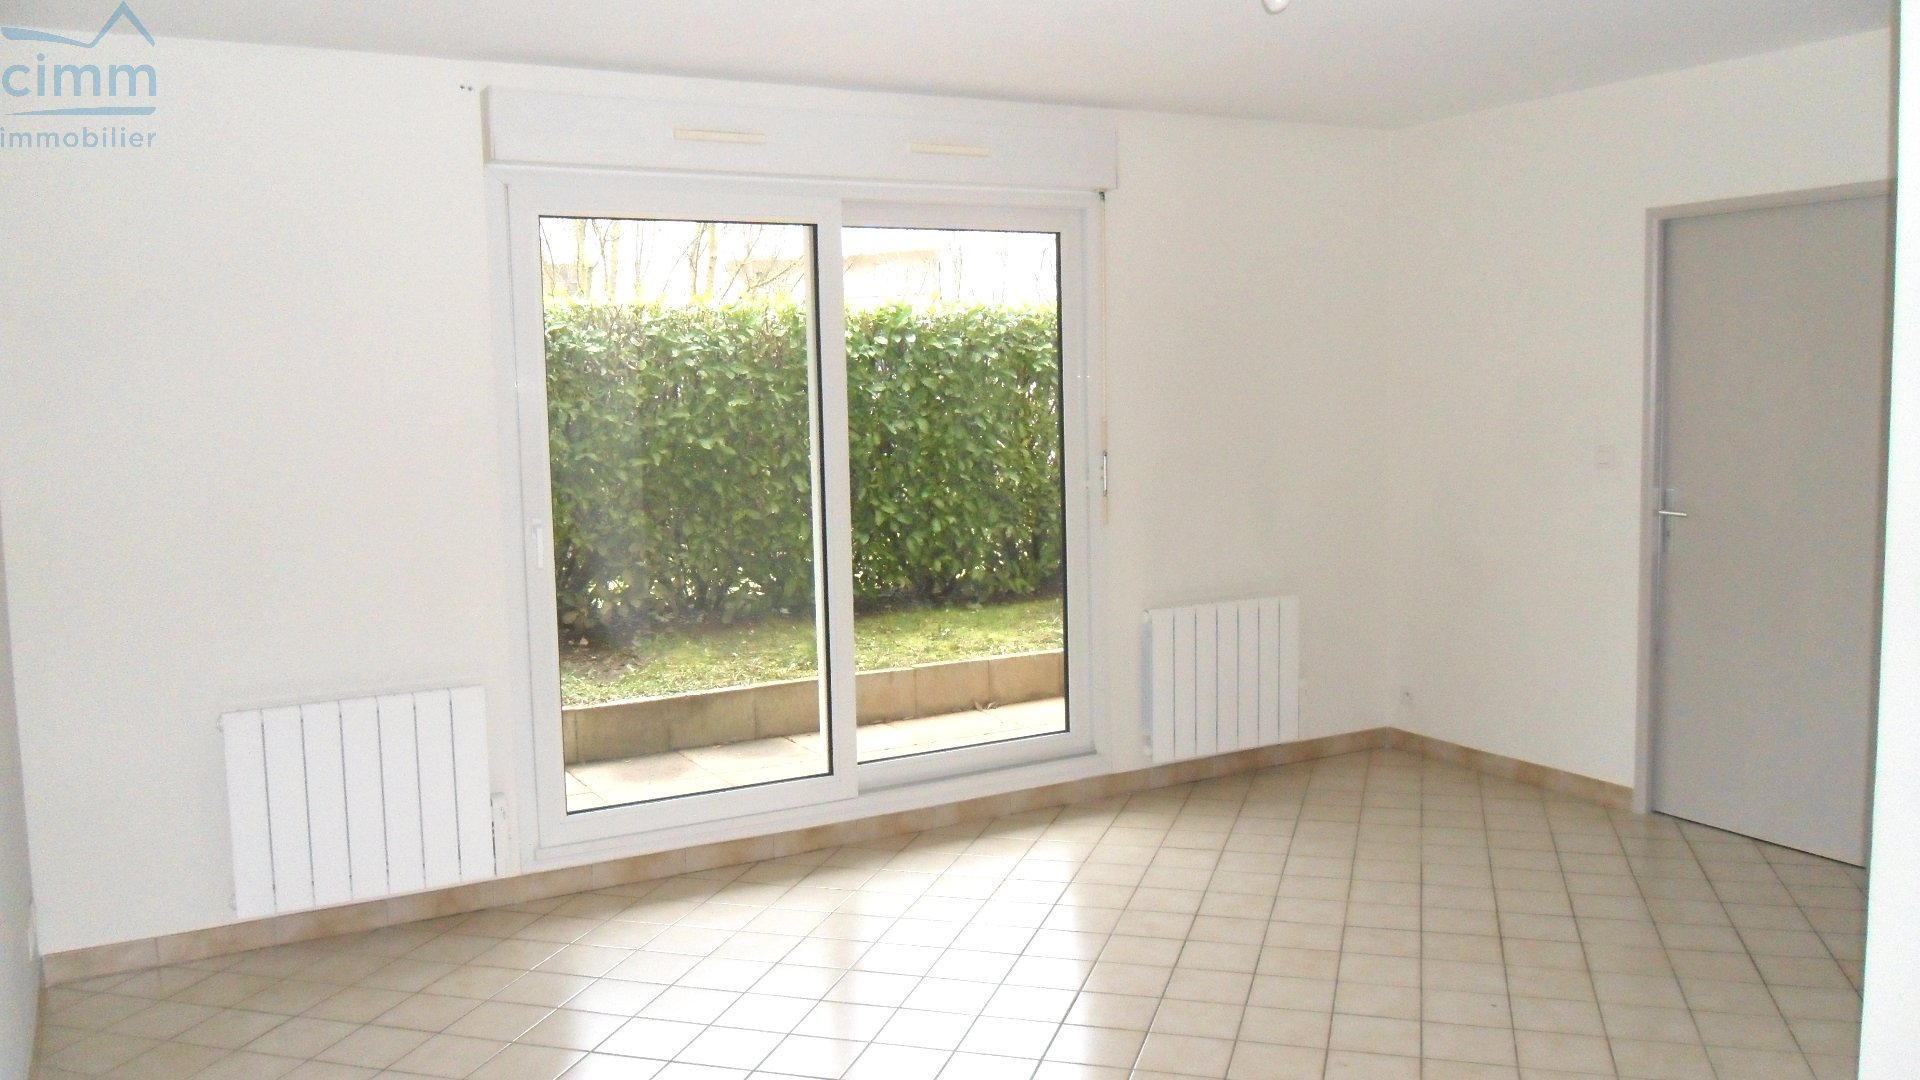 (Cg1288) Location Dijon Toison D'or, Appartement T2 En Rez-De-Jar dedans Location Rez De Jardin Dijon